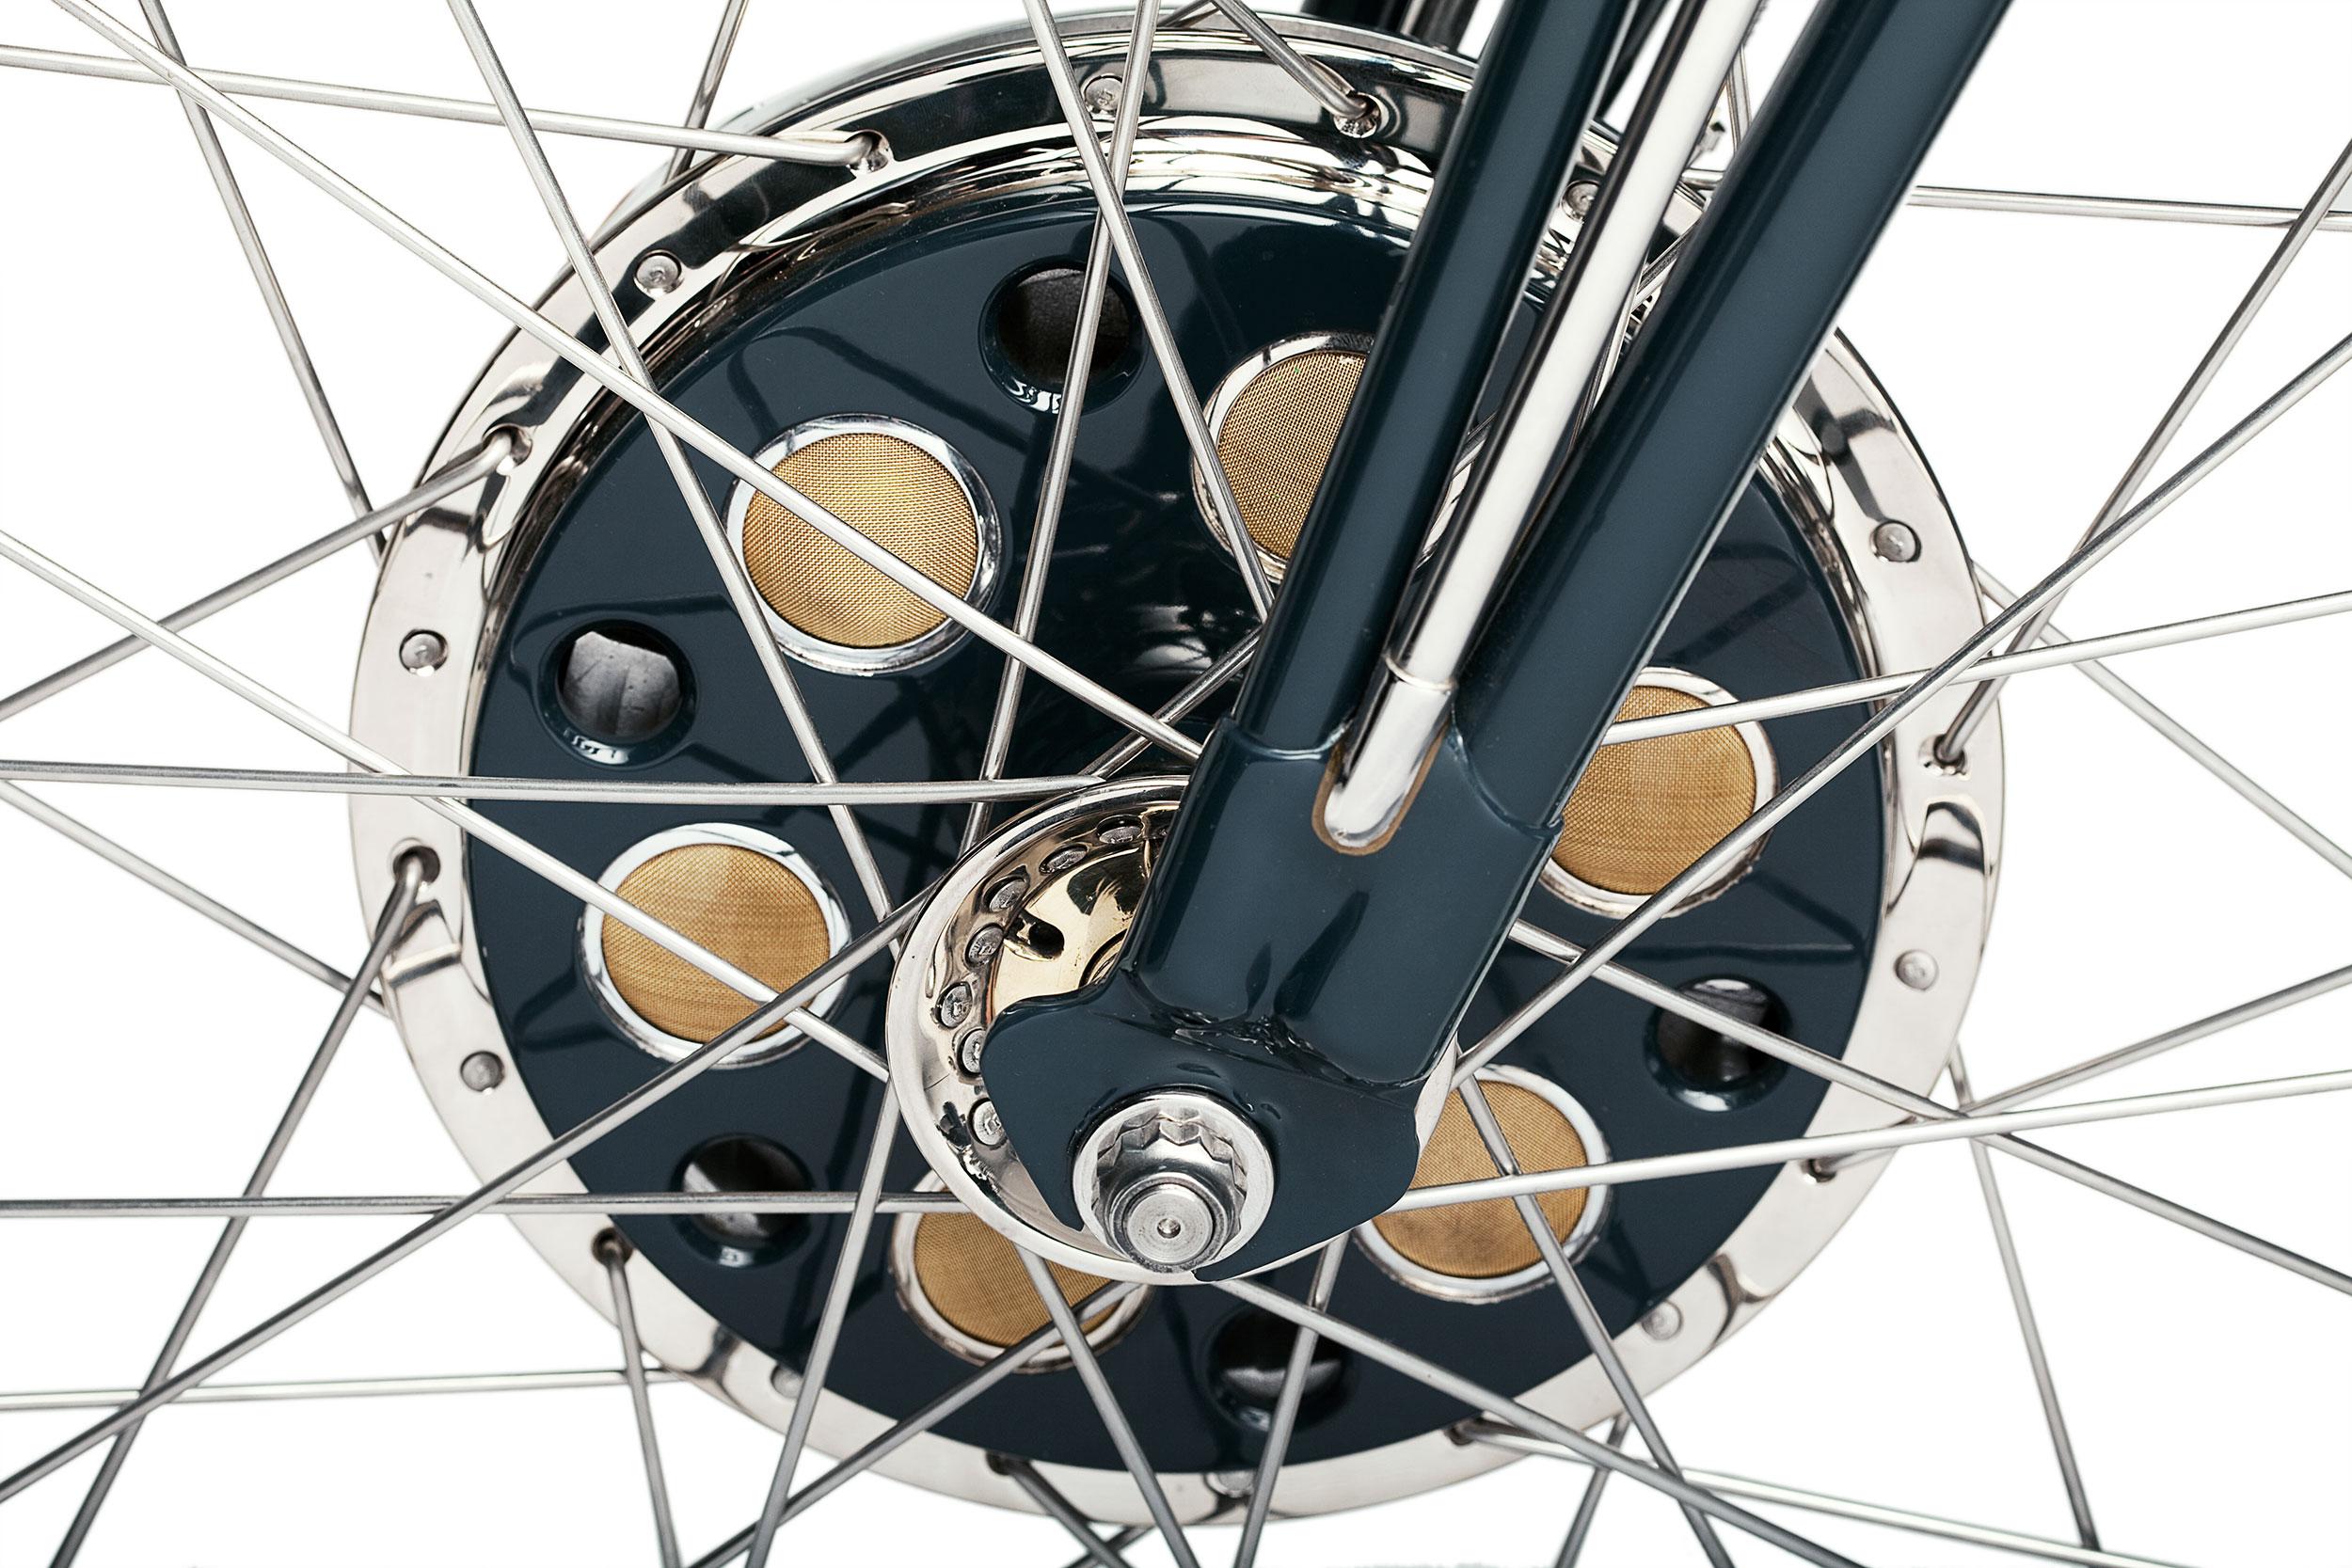 Kestrel-Front-Brake-Left-Side.jpg